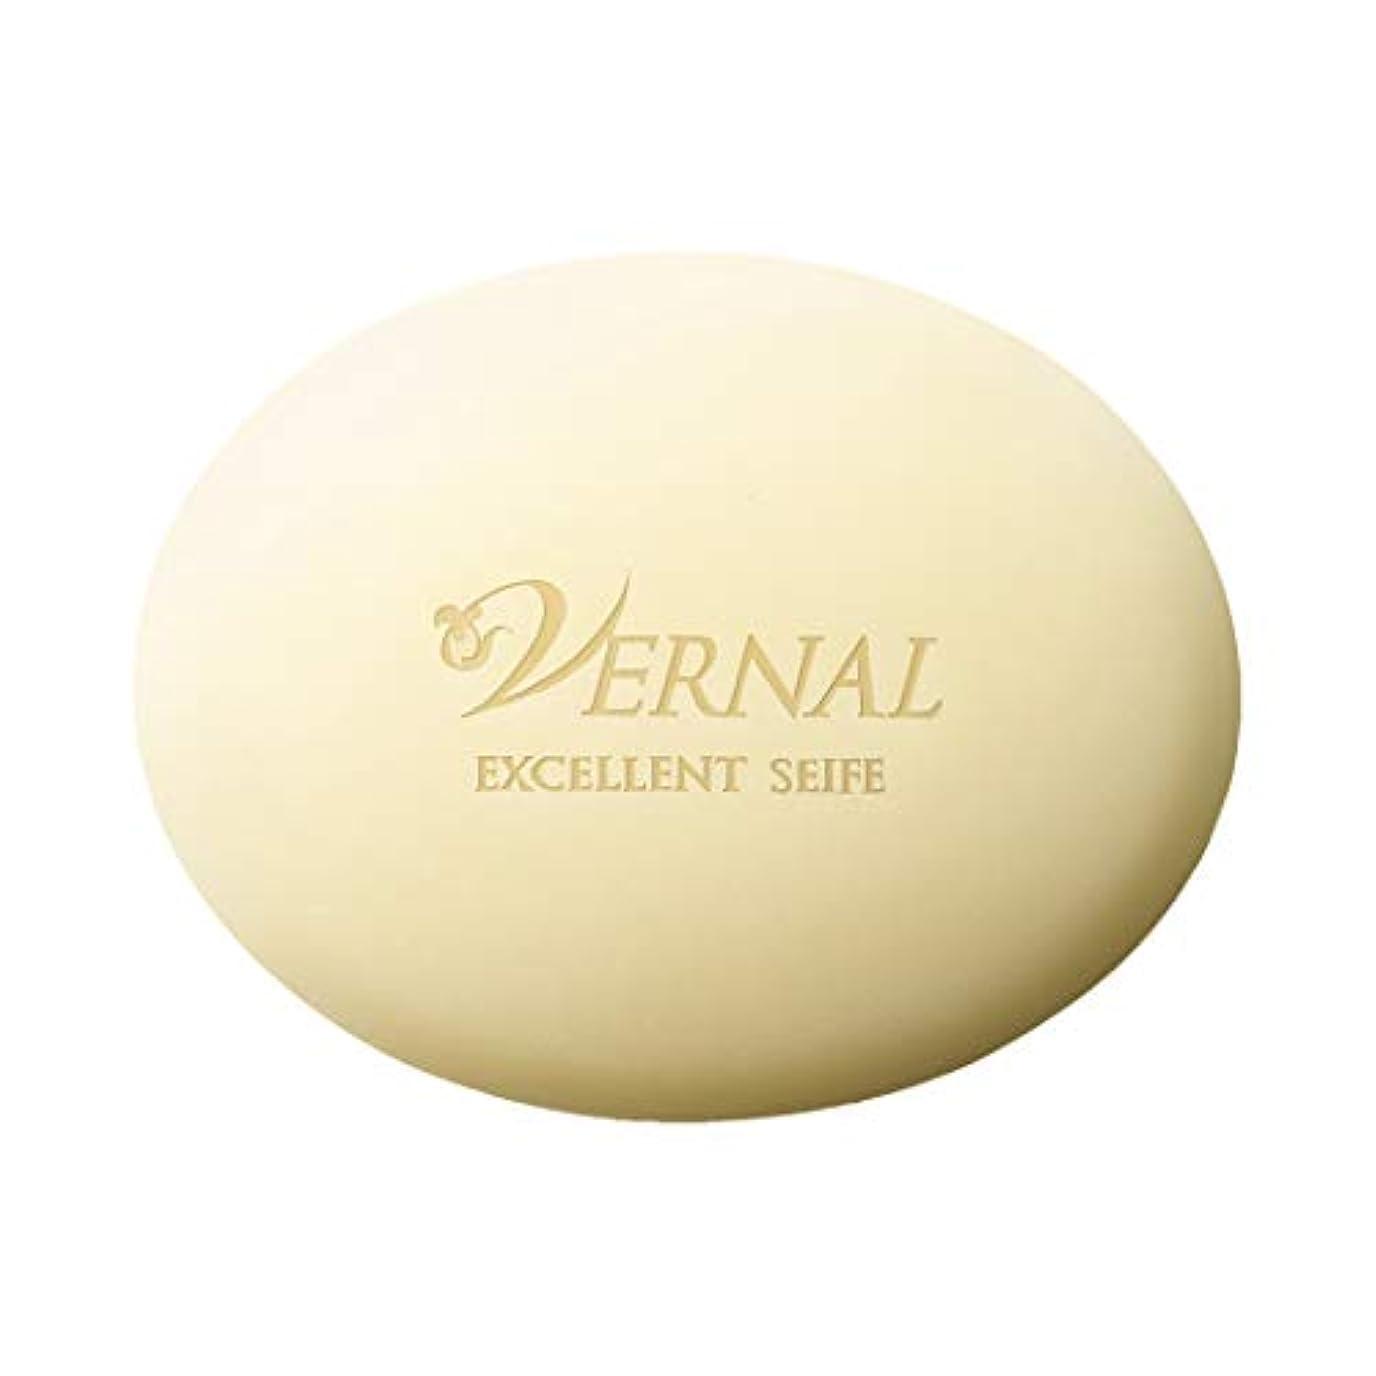 老朽化した欠伸割り当てますエクセレントザイフ110g/ヴァーナル 洗顔石鹸 仕上げ洗顔